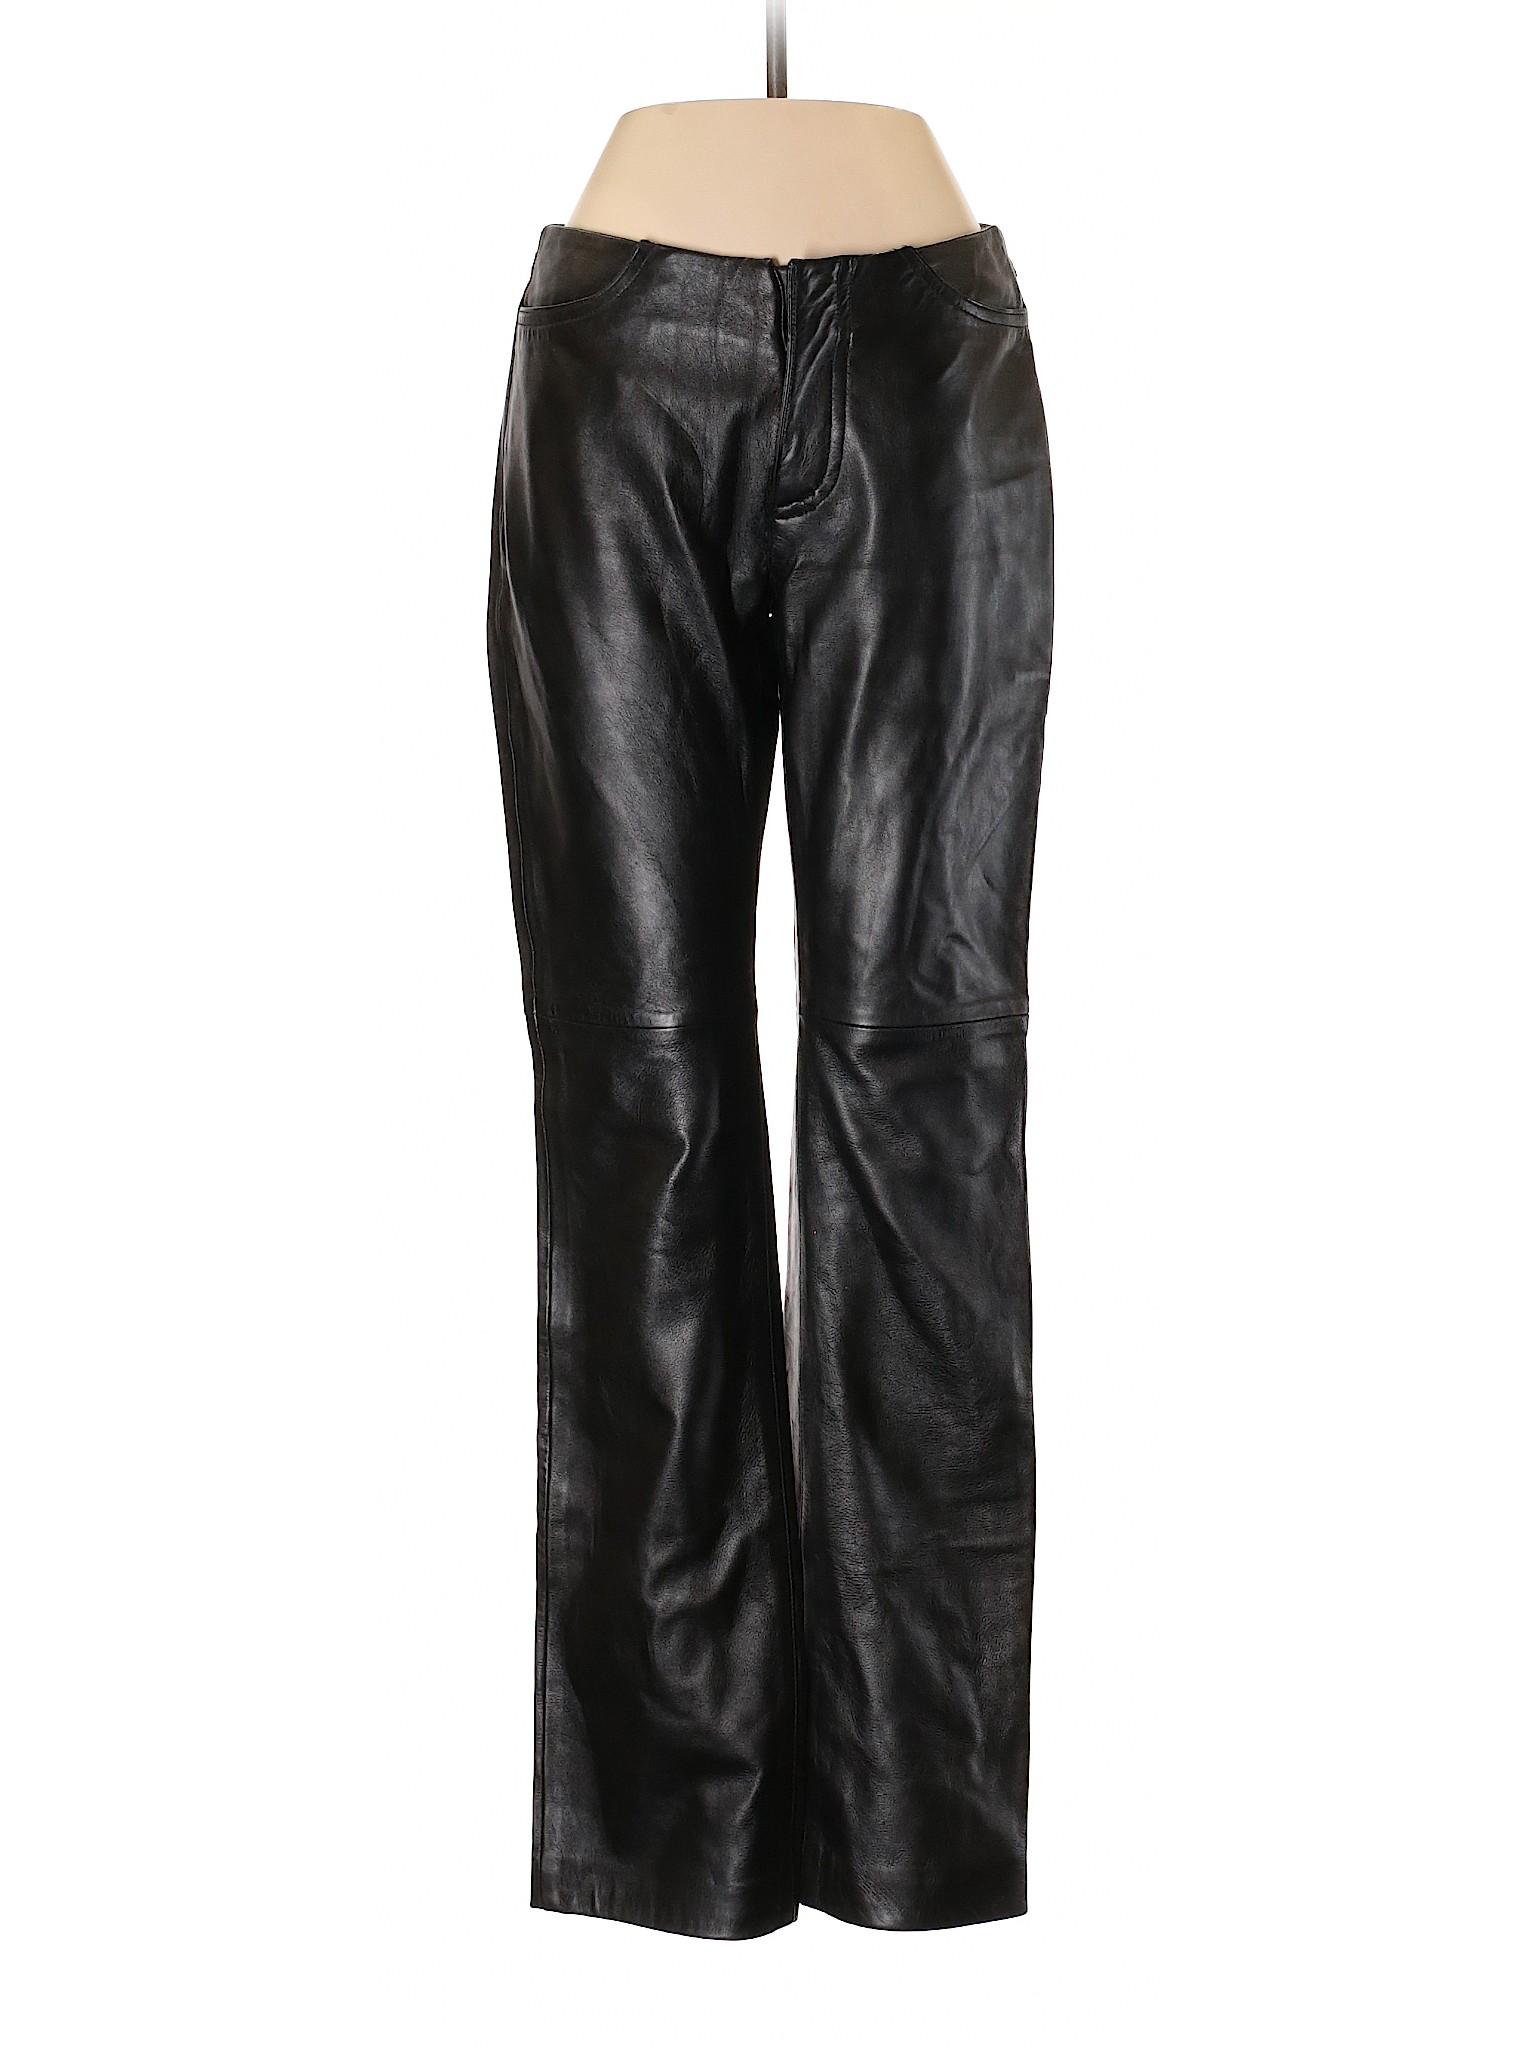 Leather leisure Gap leisure Gap Boutique Pants Boutique Leather OqPwPz7